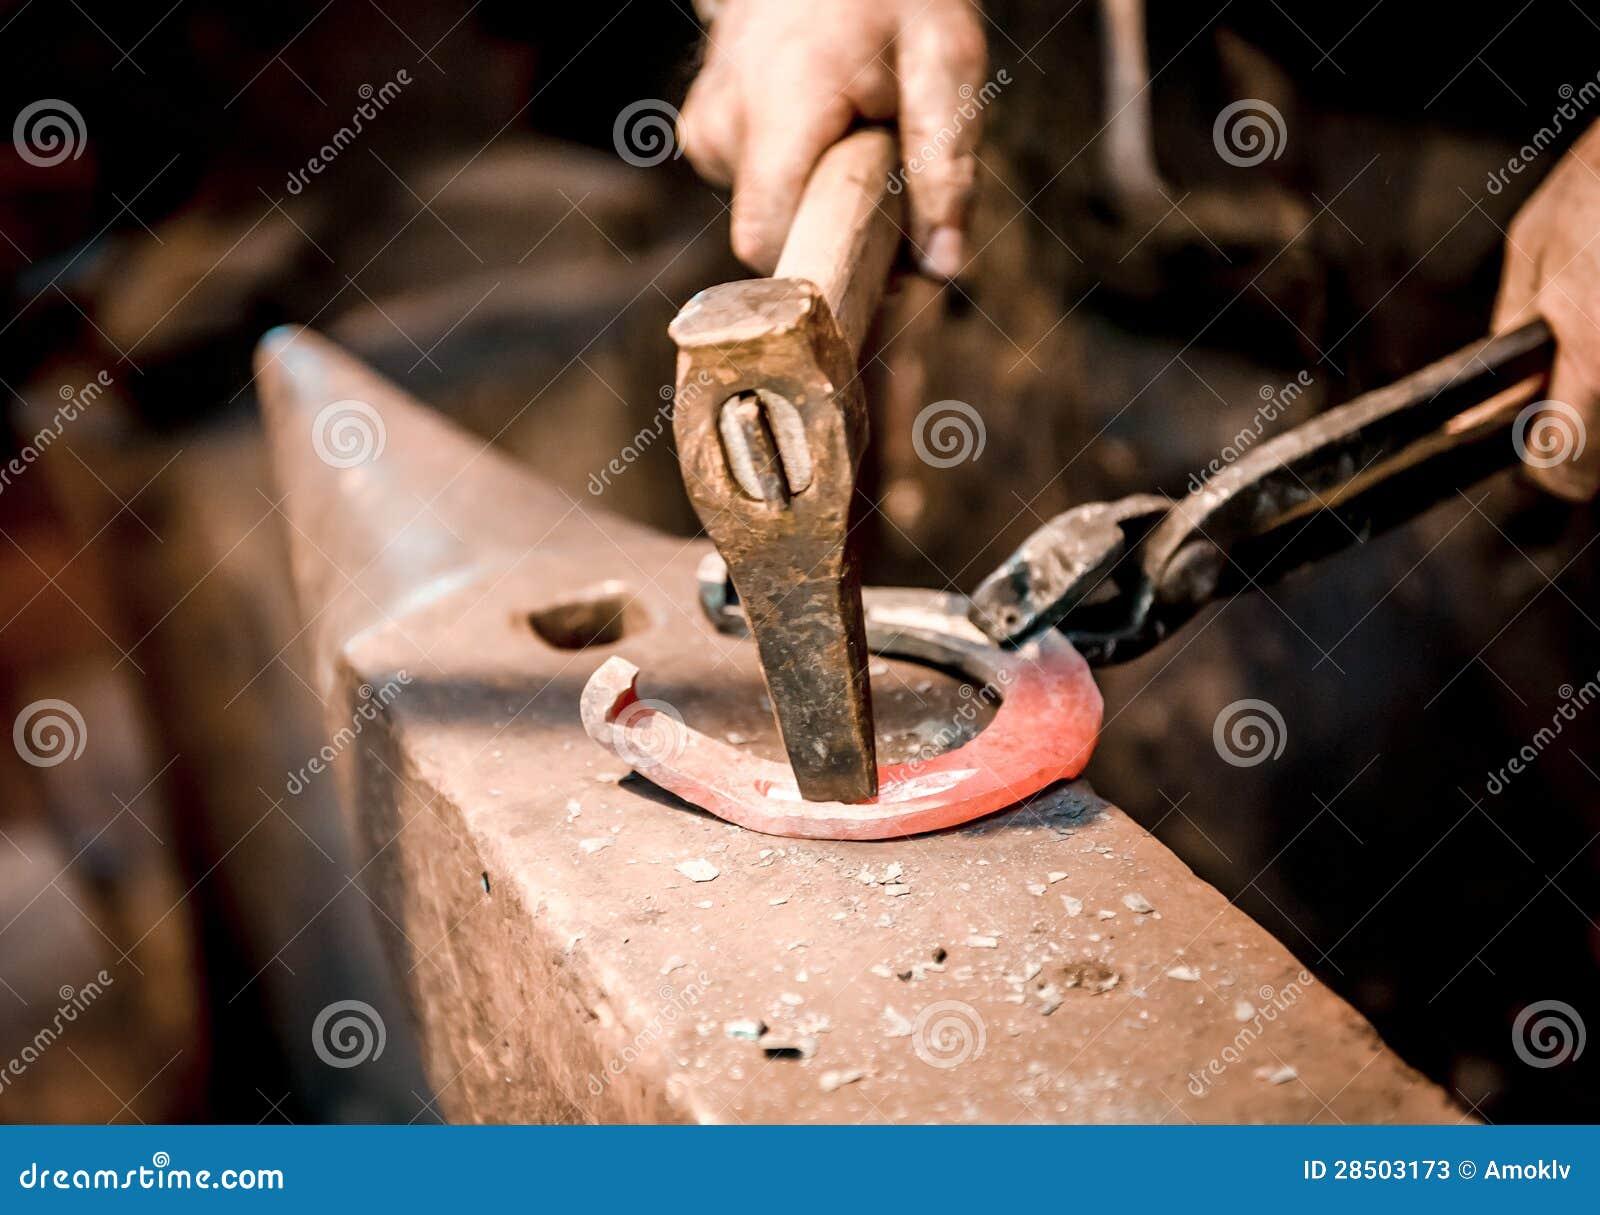 Blacksmith make a horseshoe stock image image of forging for How to make a horseshoe